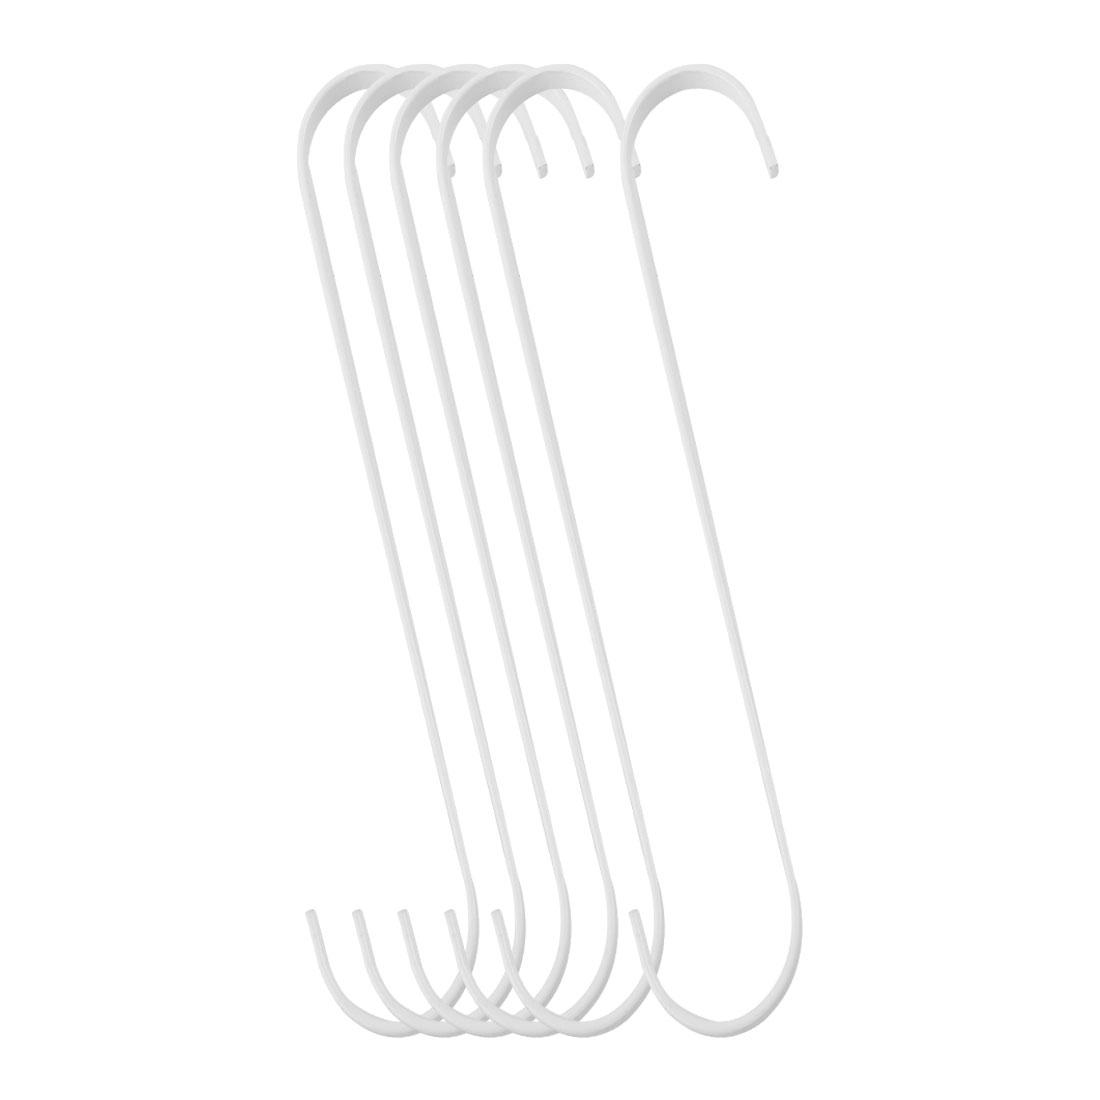 6pcs S Shaped Hook Stainless Steel for Kitchenware Pot Utensil Holder White